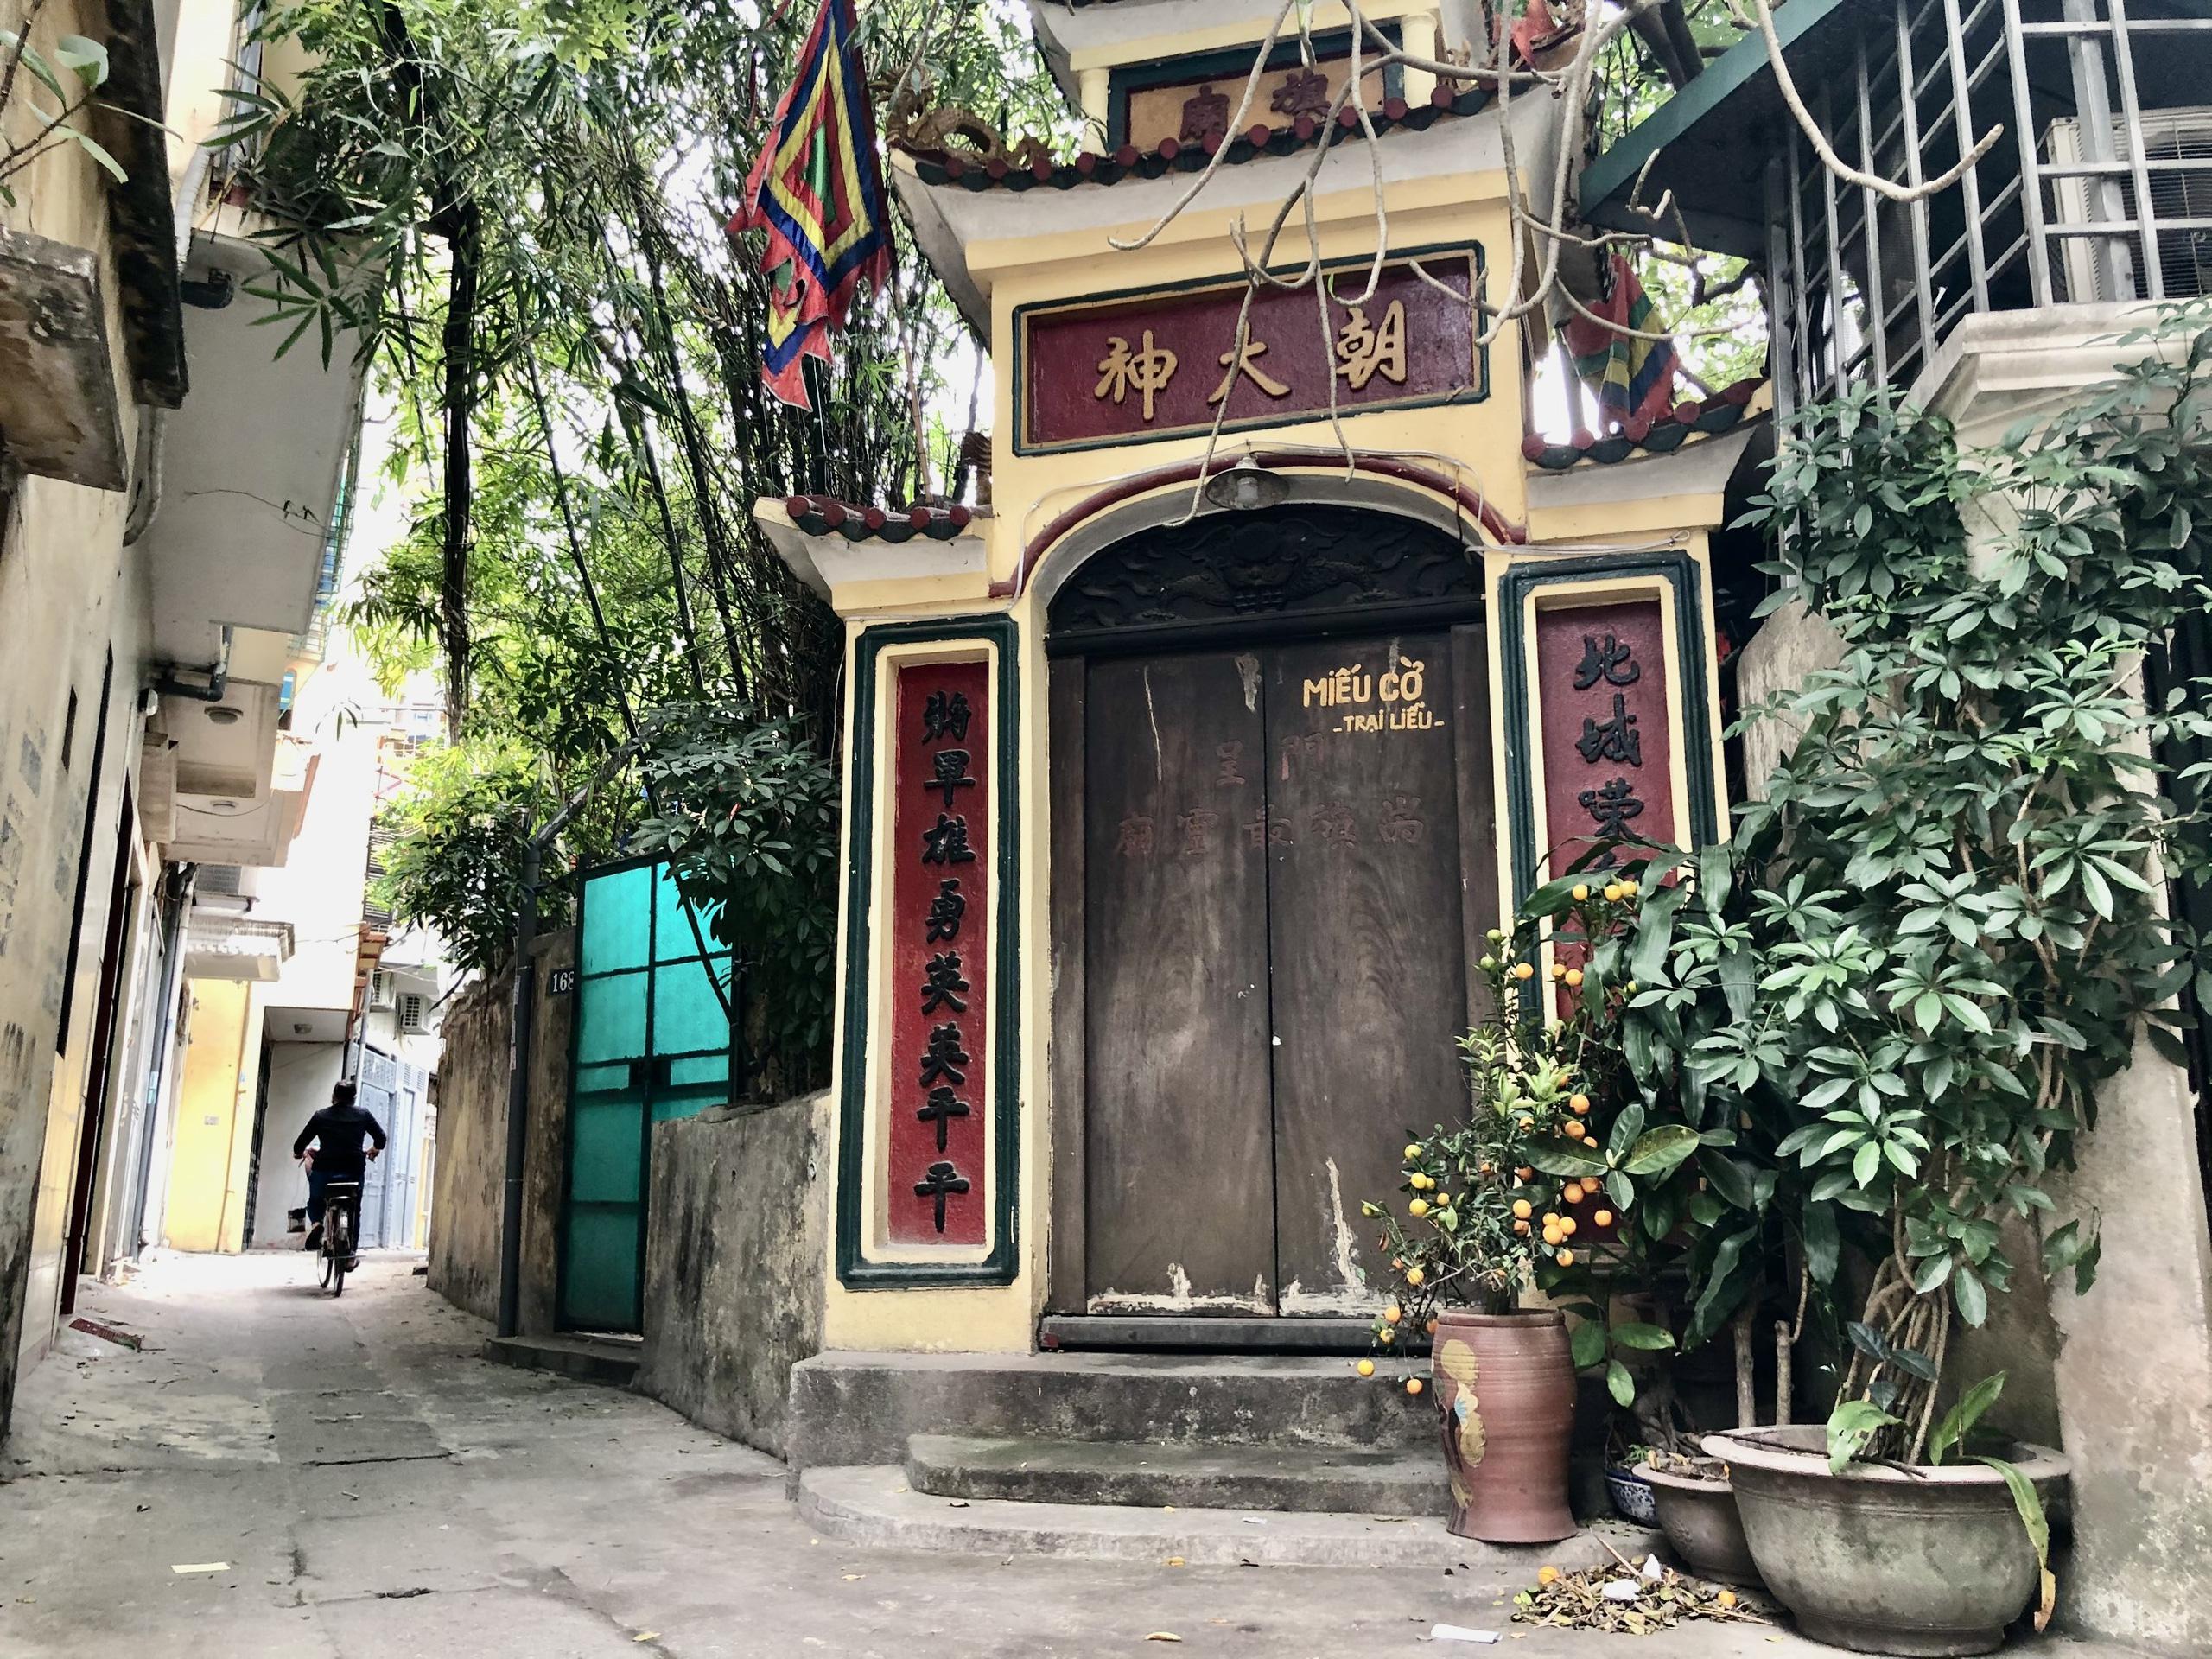 Đường sắp mở theo quy hoạch ở phường Liễu Giai, Ba Đình, Hà Nội (phần 3): Hai đường nối từ Văn Cao đến ngõ 279 Đội Cấn kéo dài - Ảnh 13.